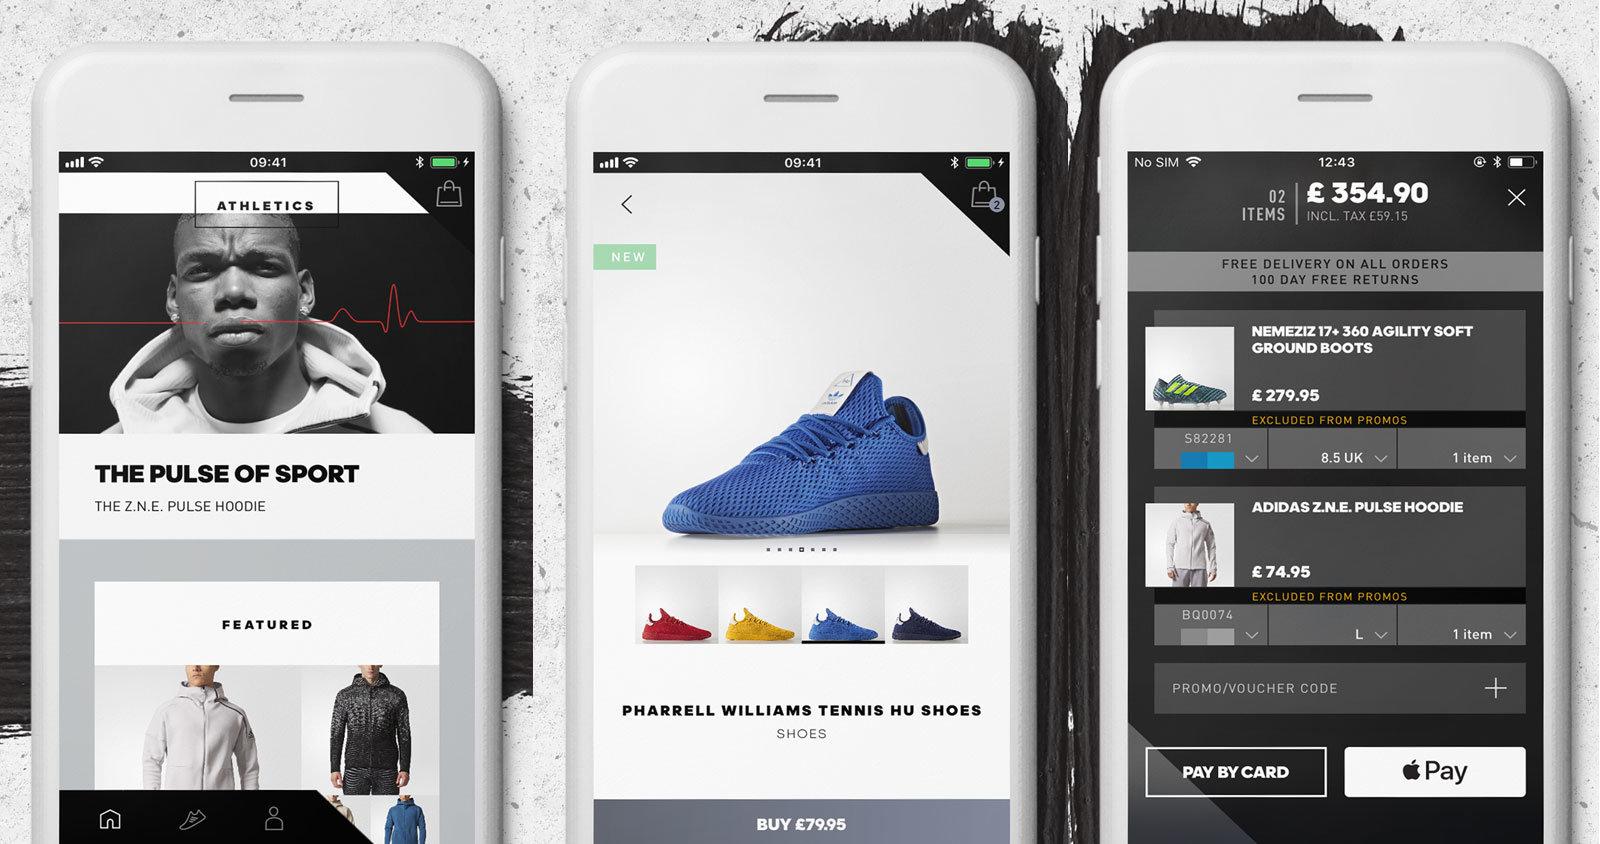 Первое приложение Adidas для покупок - также персонализированная новостная лента